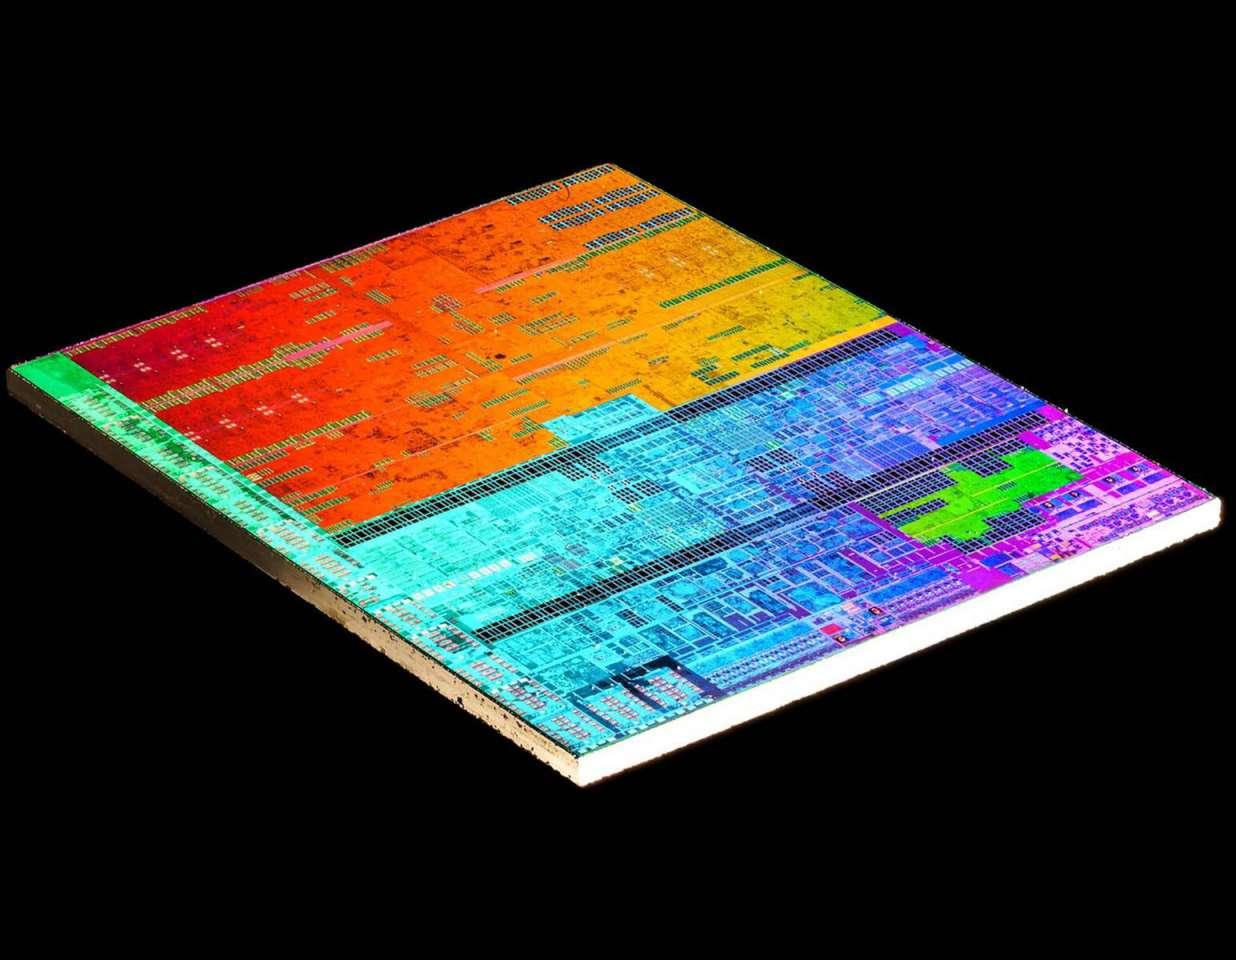 تاریخ عرضه پردازندههای Comet Lake و Ice Lake-S اینتل مشخص شد